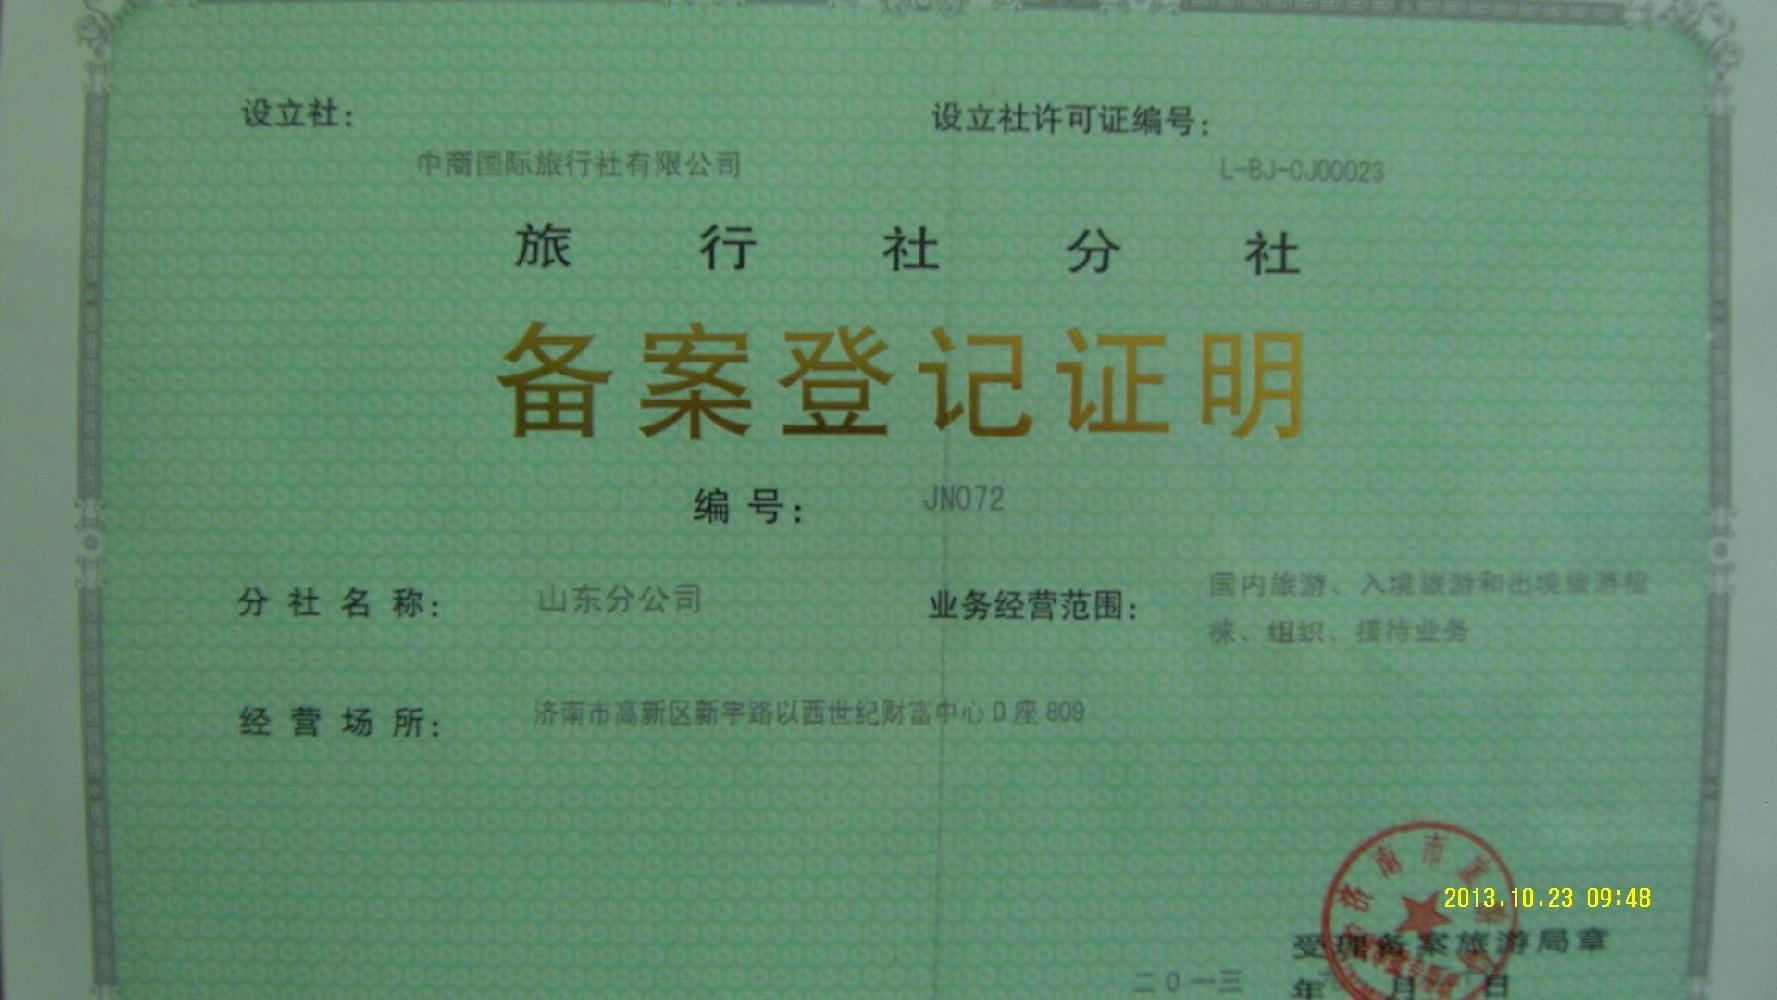 中商国际旅行社有限公司山东分公司经营许可证